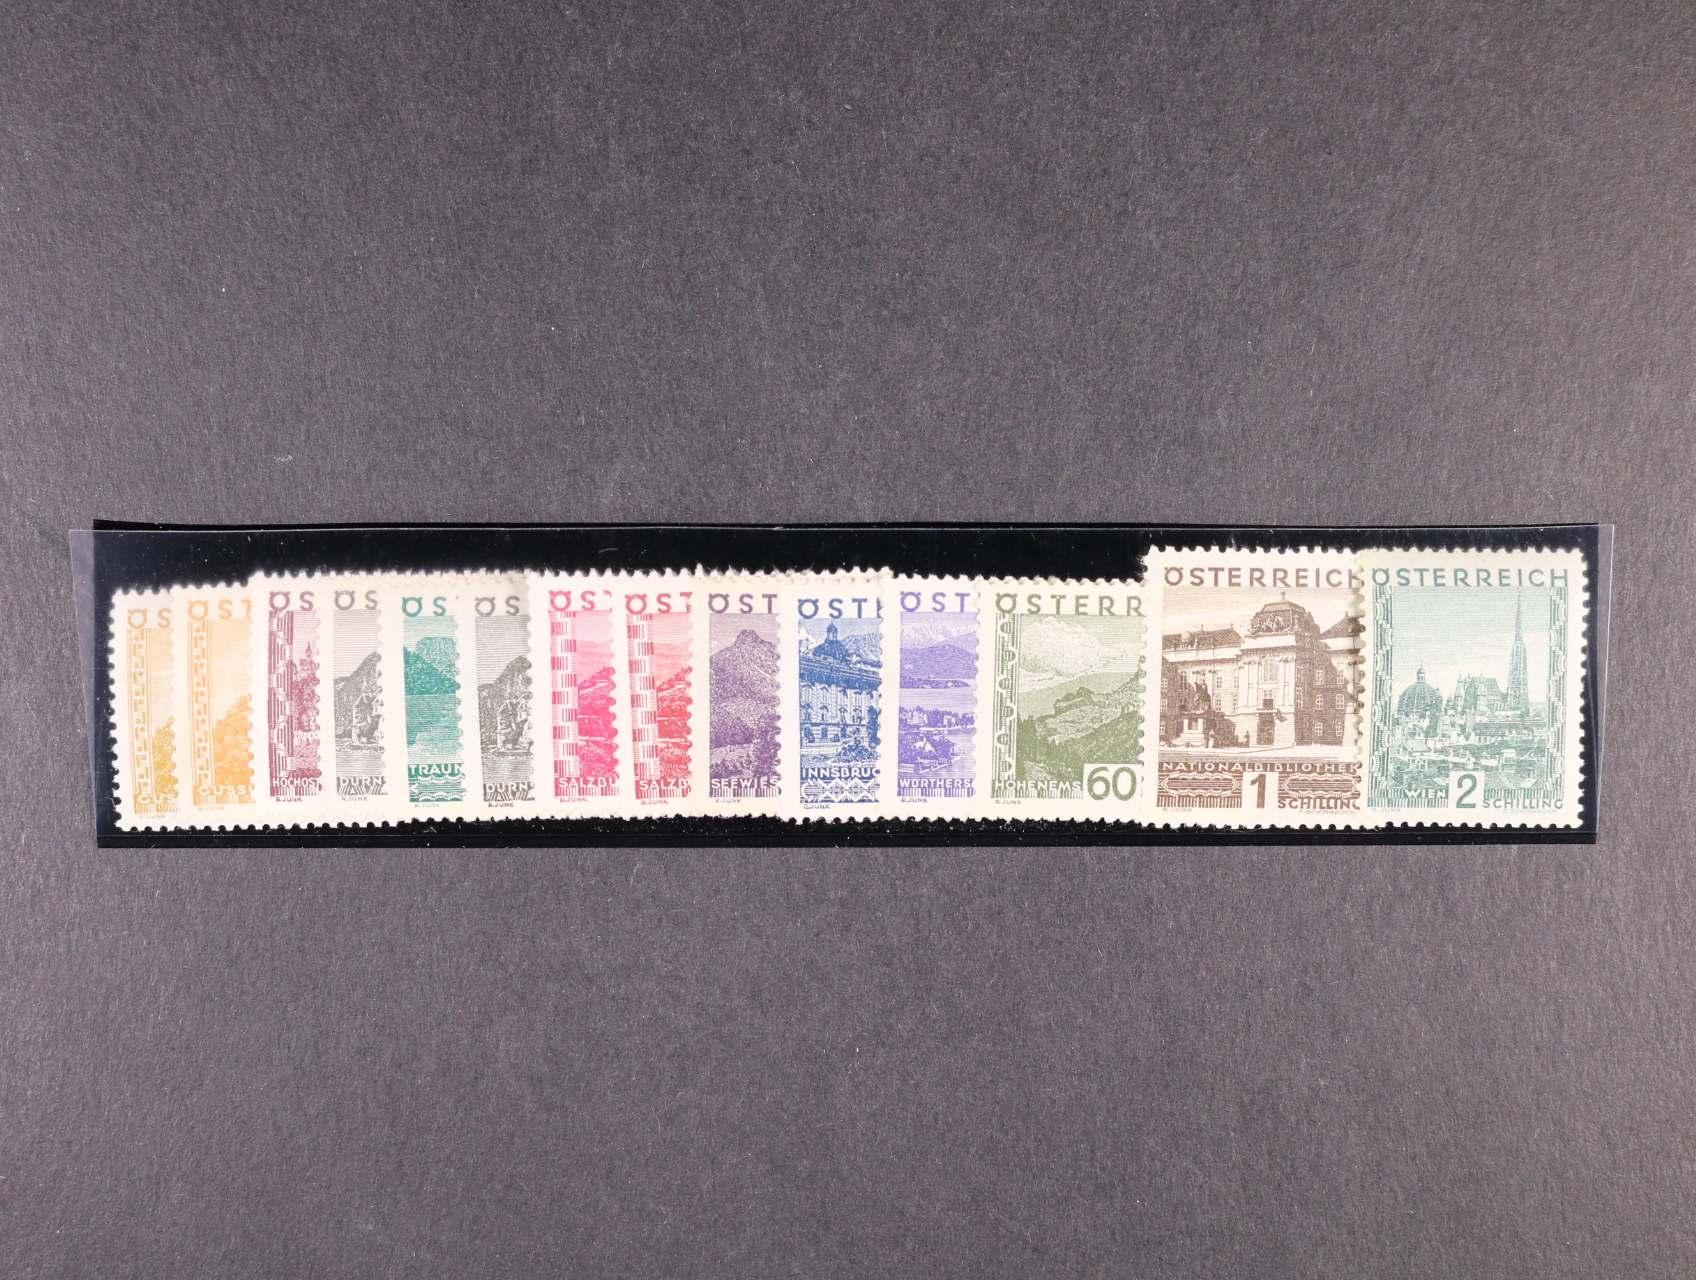 zn. Mi. č. 498 - 511 Krajinky velký formát, kompl. série, 1000 EUR